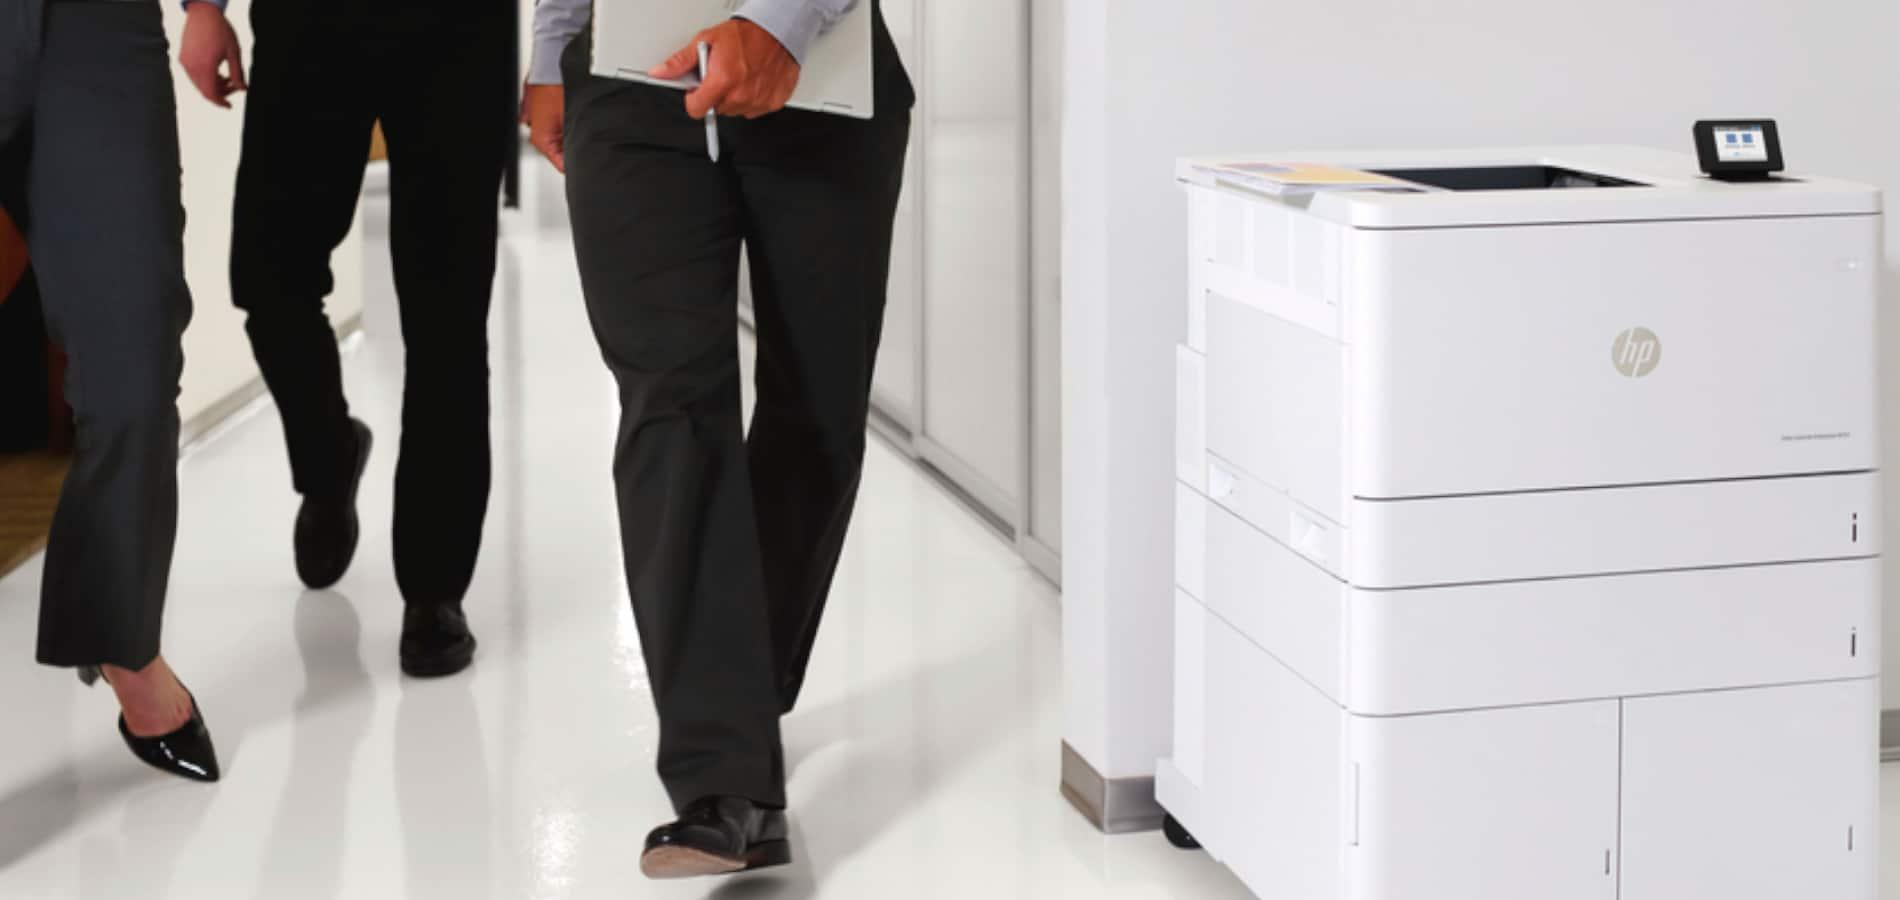 Drucker kaufen, Drucker mieten, Drucker Leasing. tectonika bietet für jeden Anforderung die passende Lösung für das Büro.